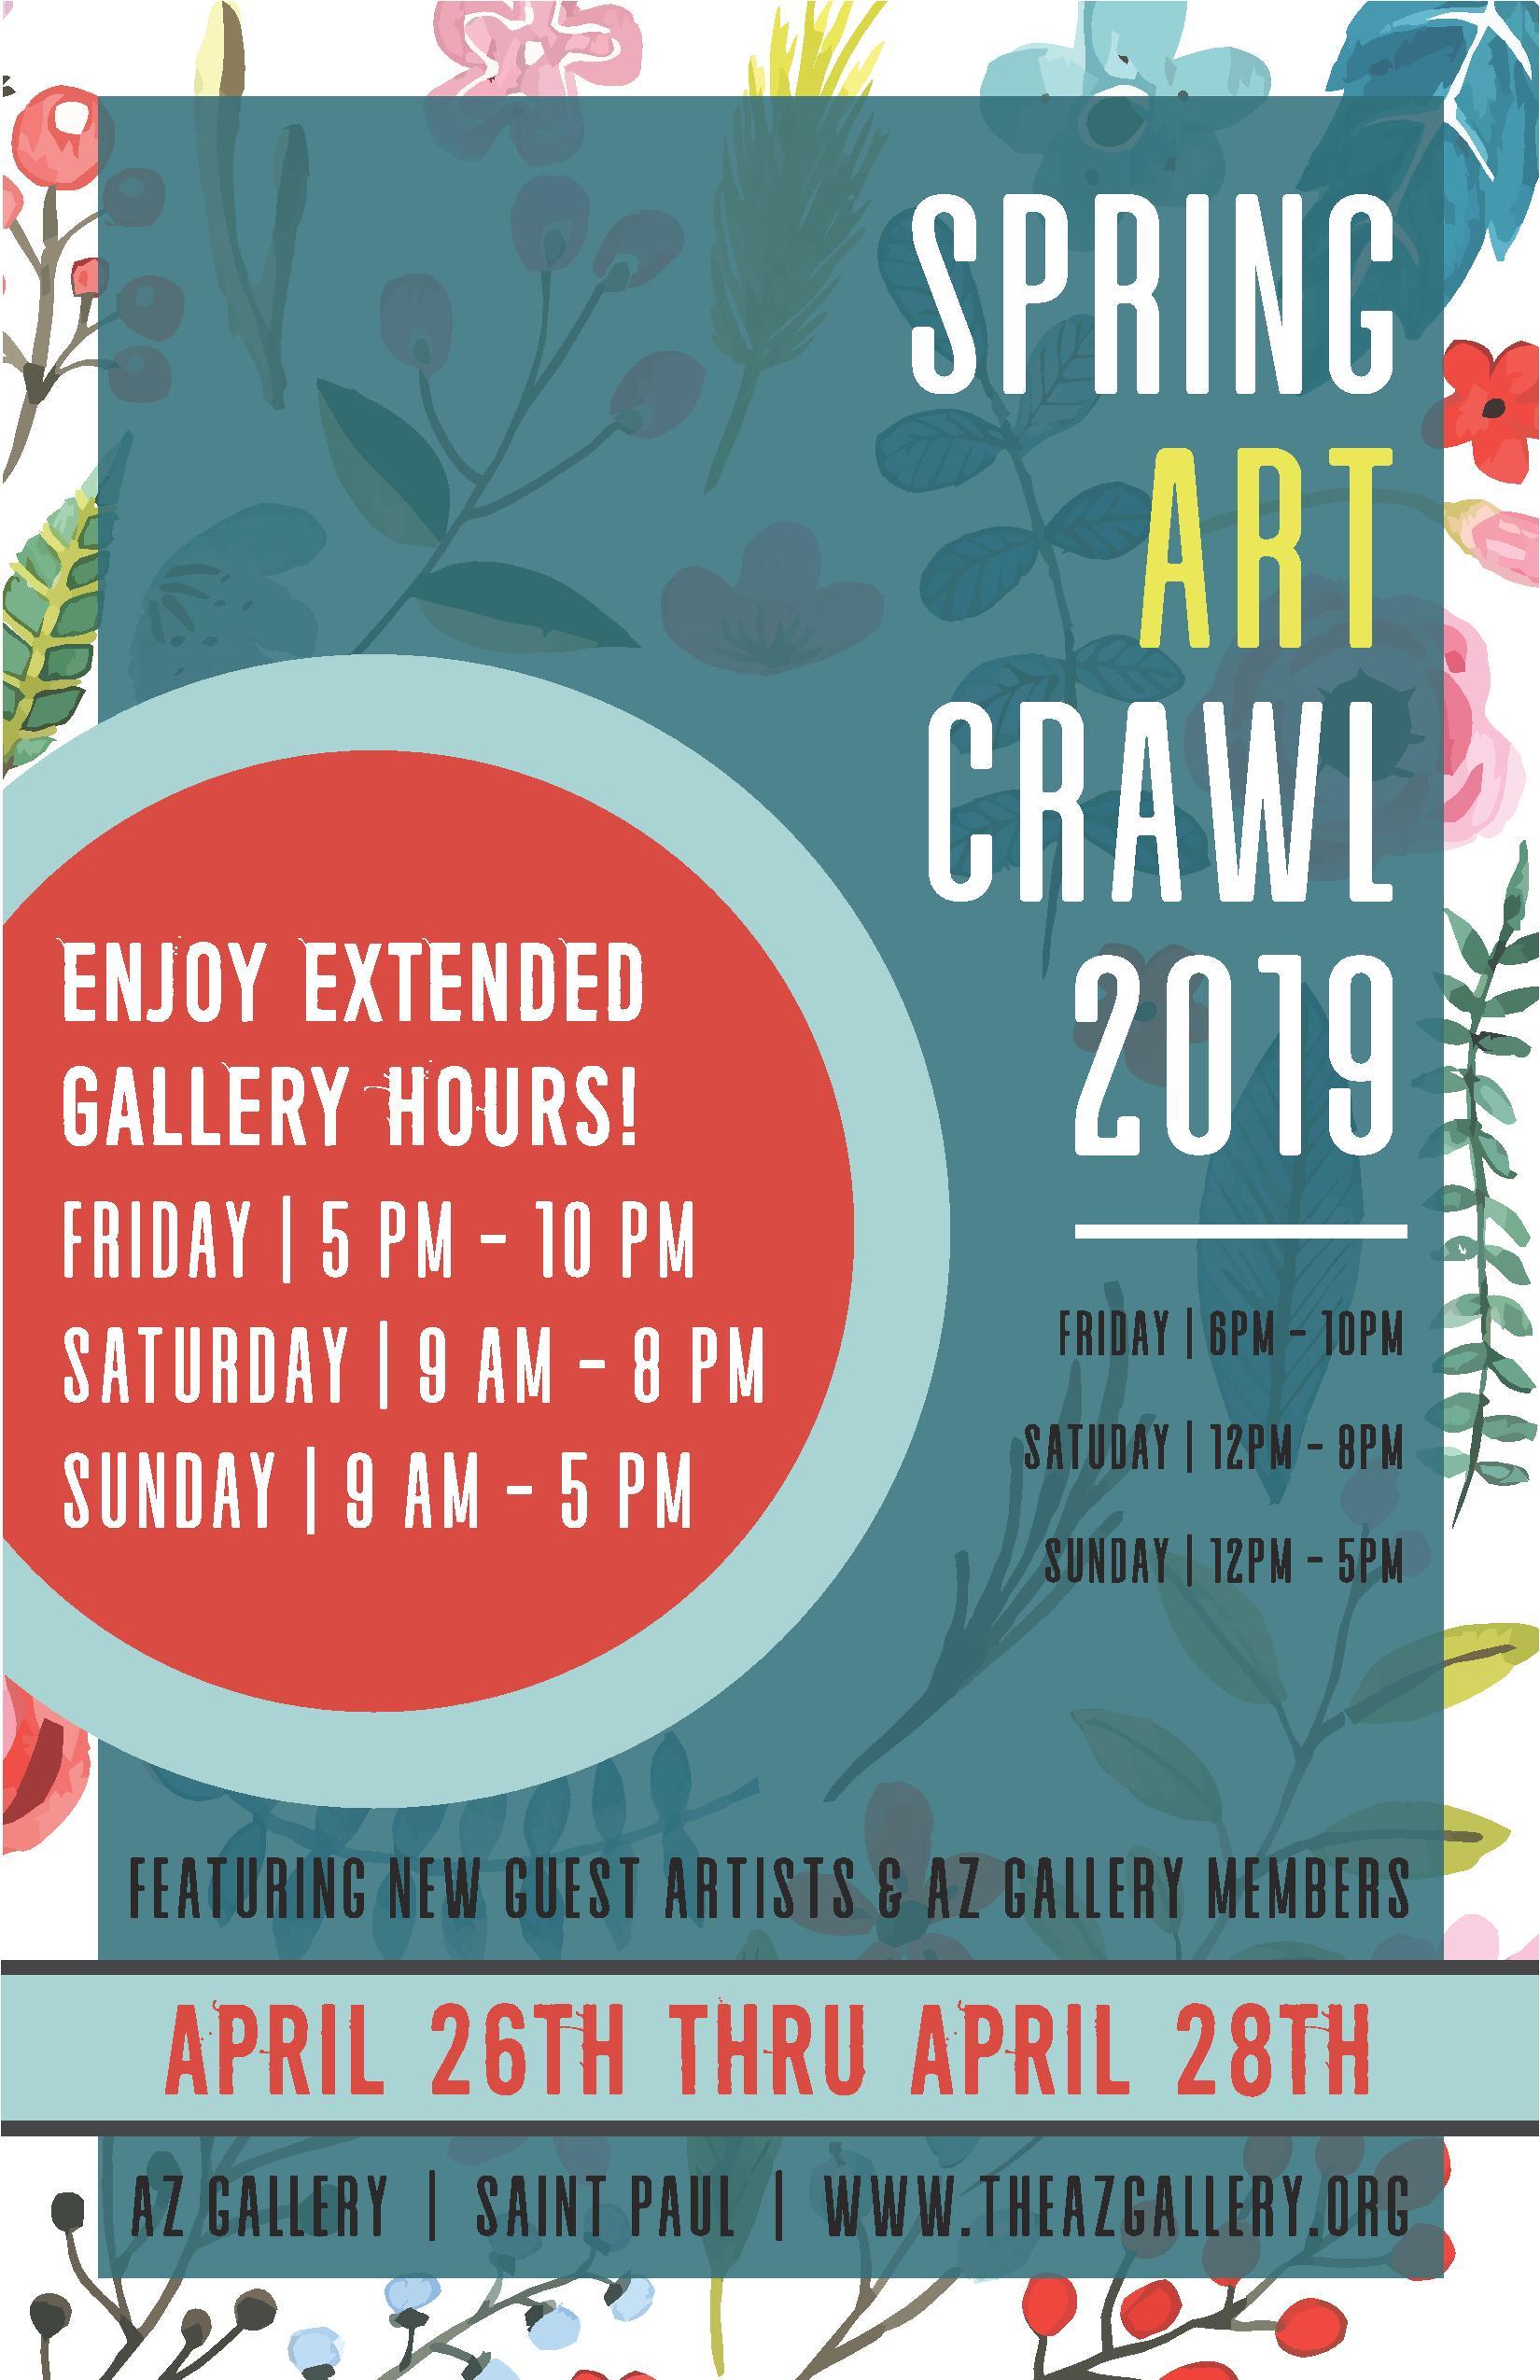 SPRING ART CRAWL 2019 sm-page-001.jpg